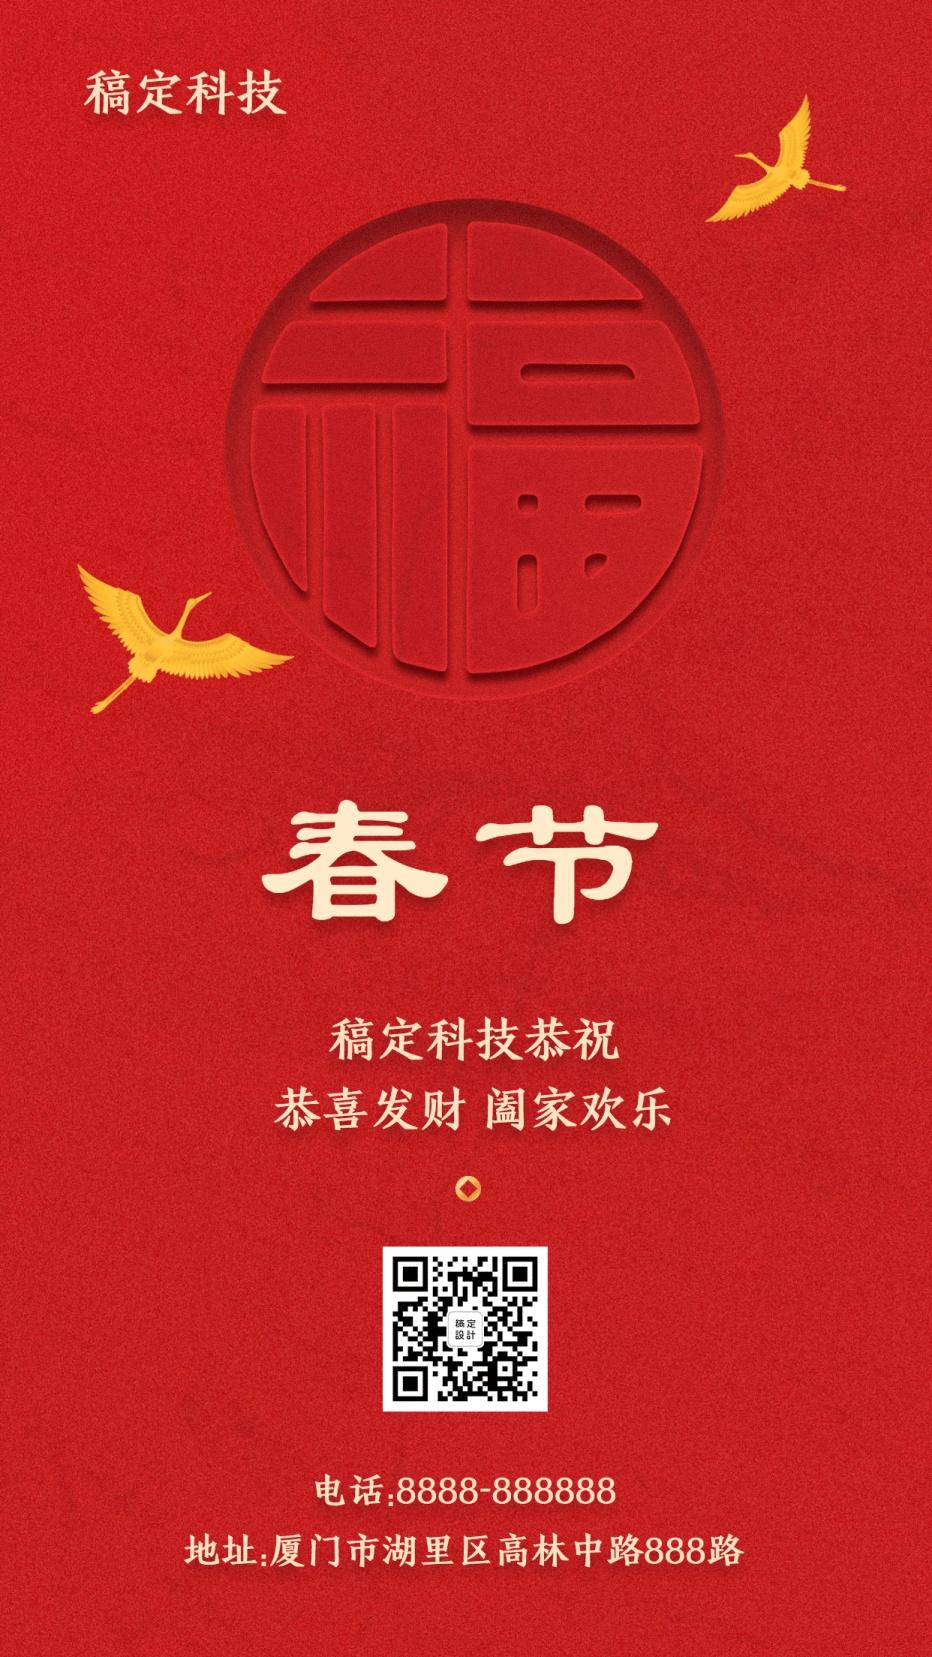 春节鼠年祝福福字五福手机海报